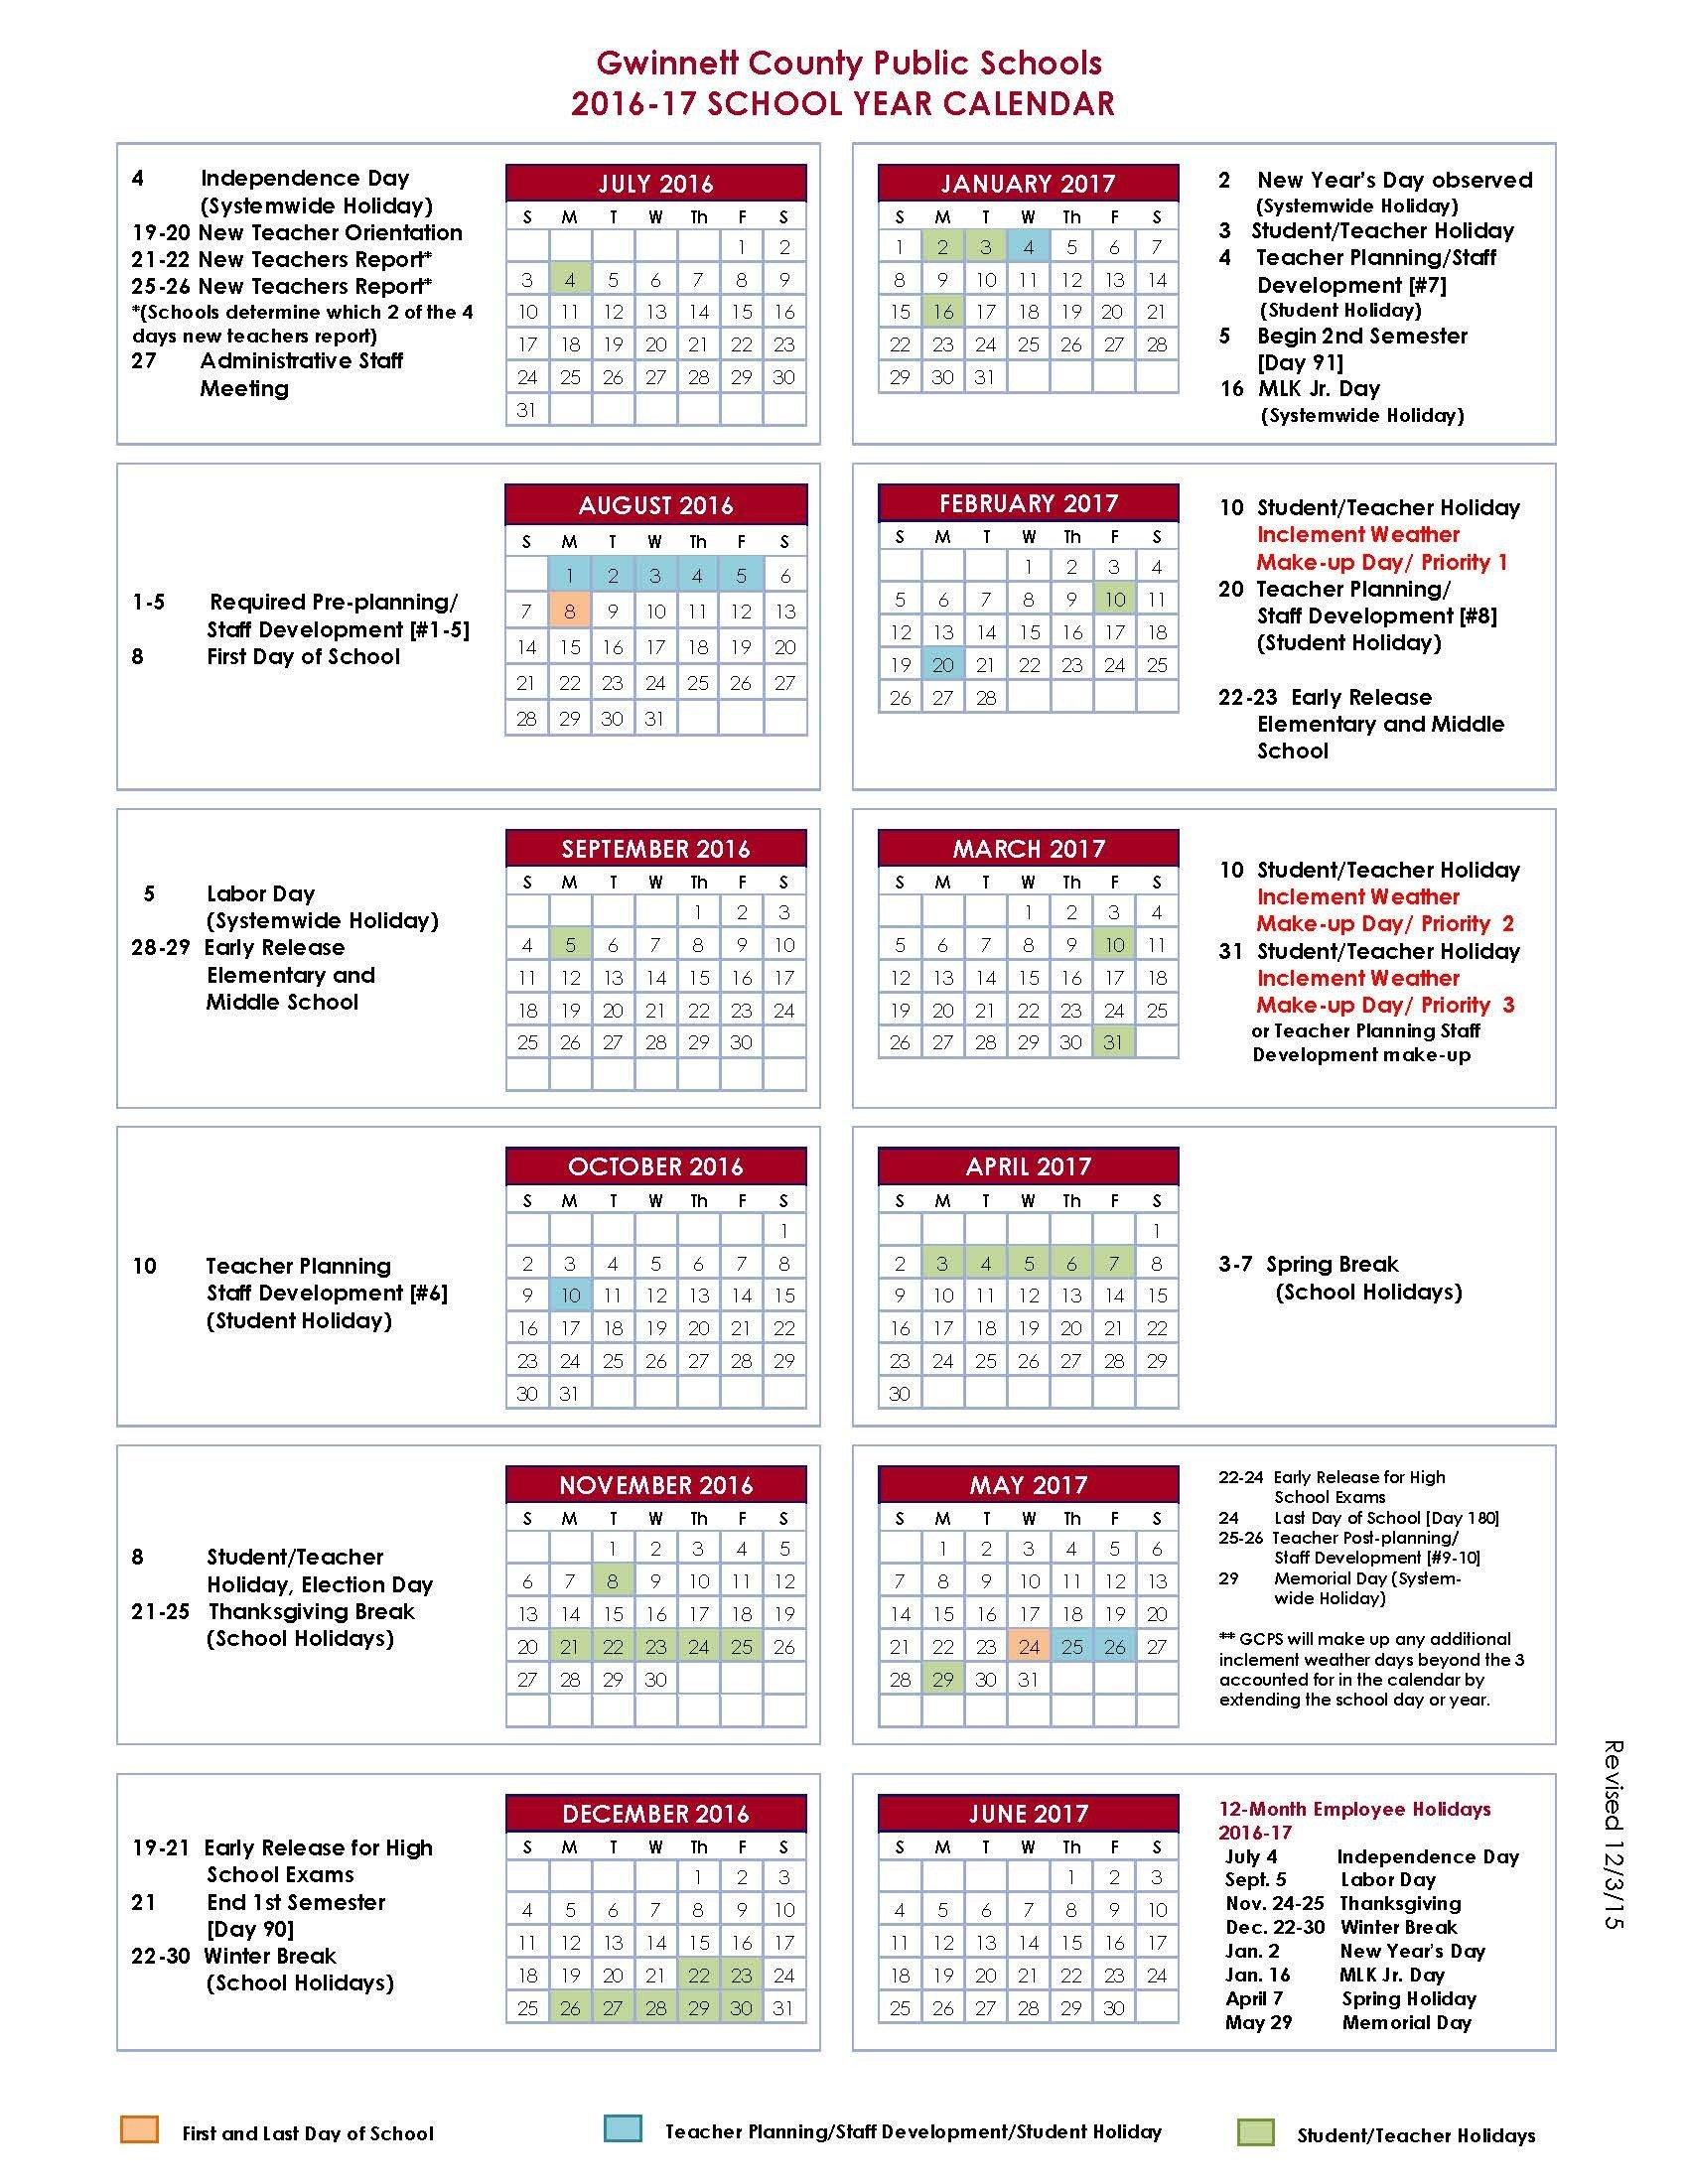 16 Gwinnett County Schools Calendar | Nicegalleries Gwinnett County School Calendar 2019-20